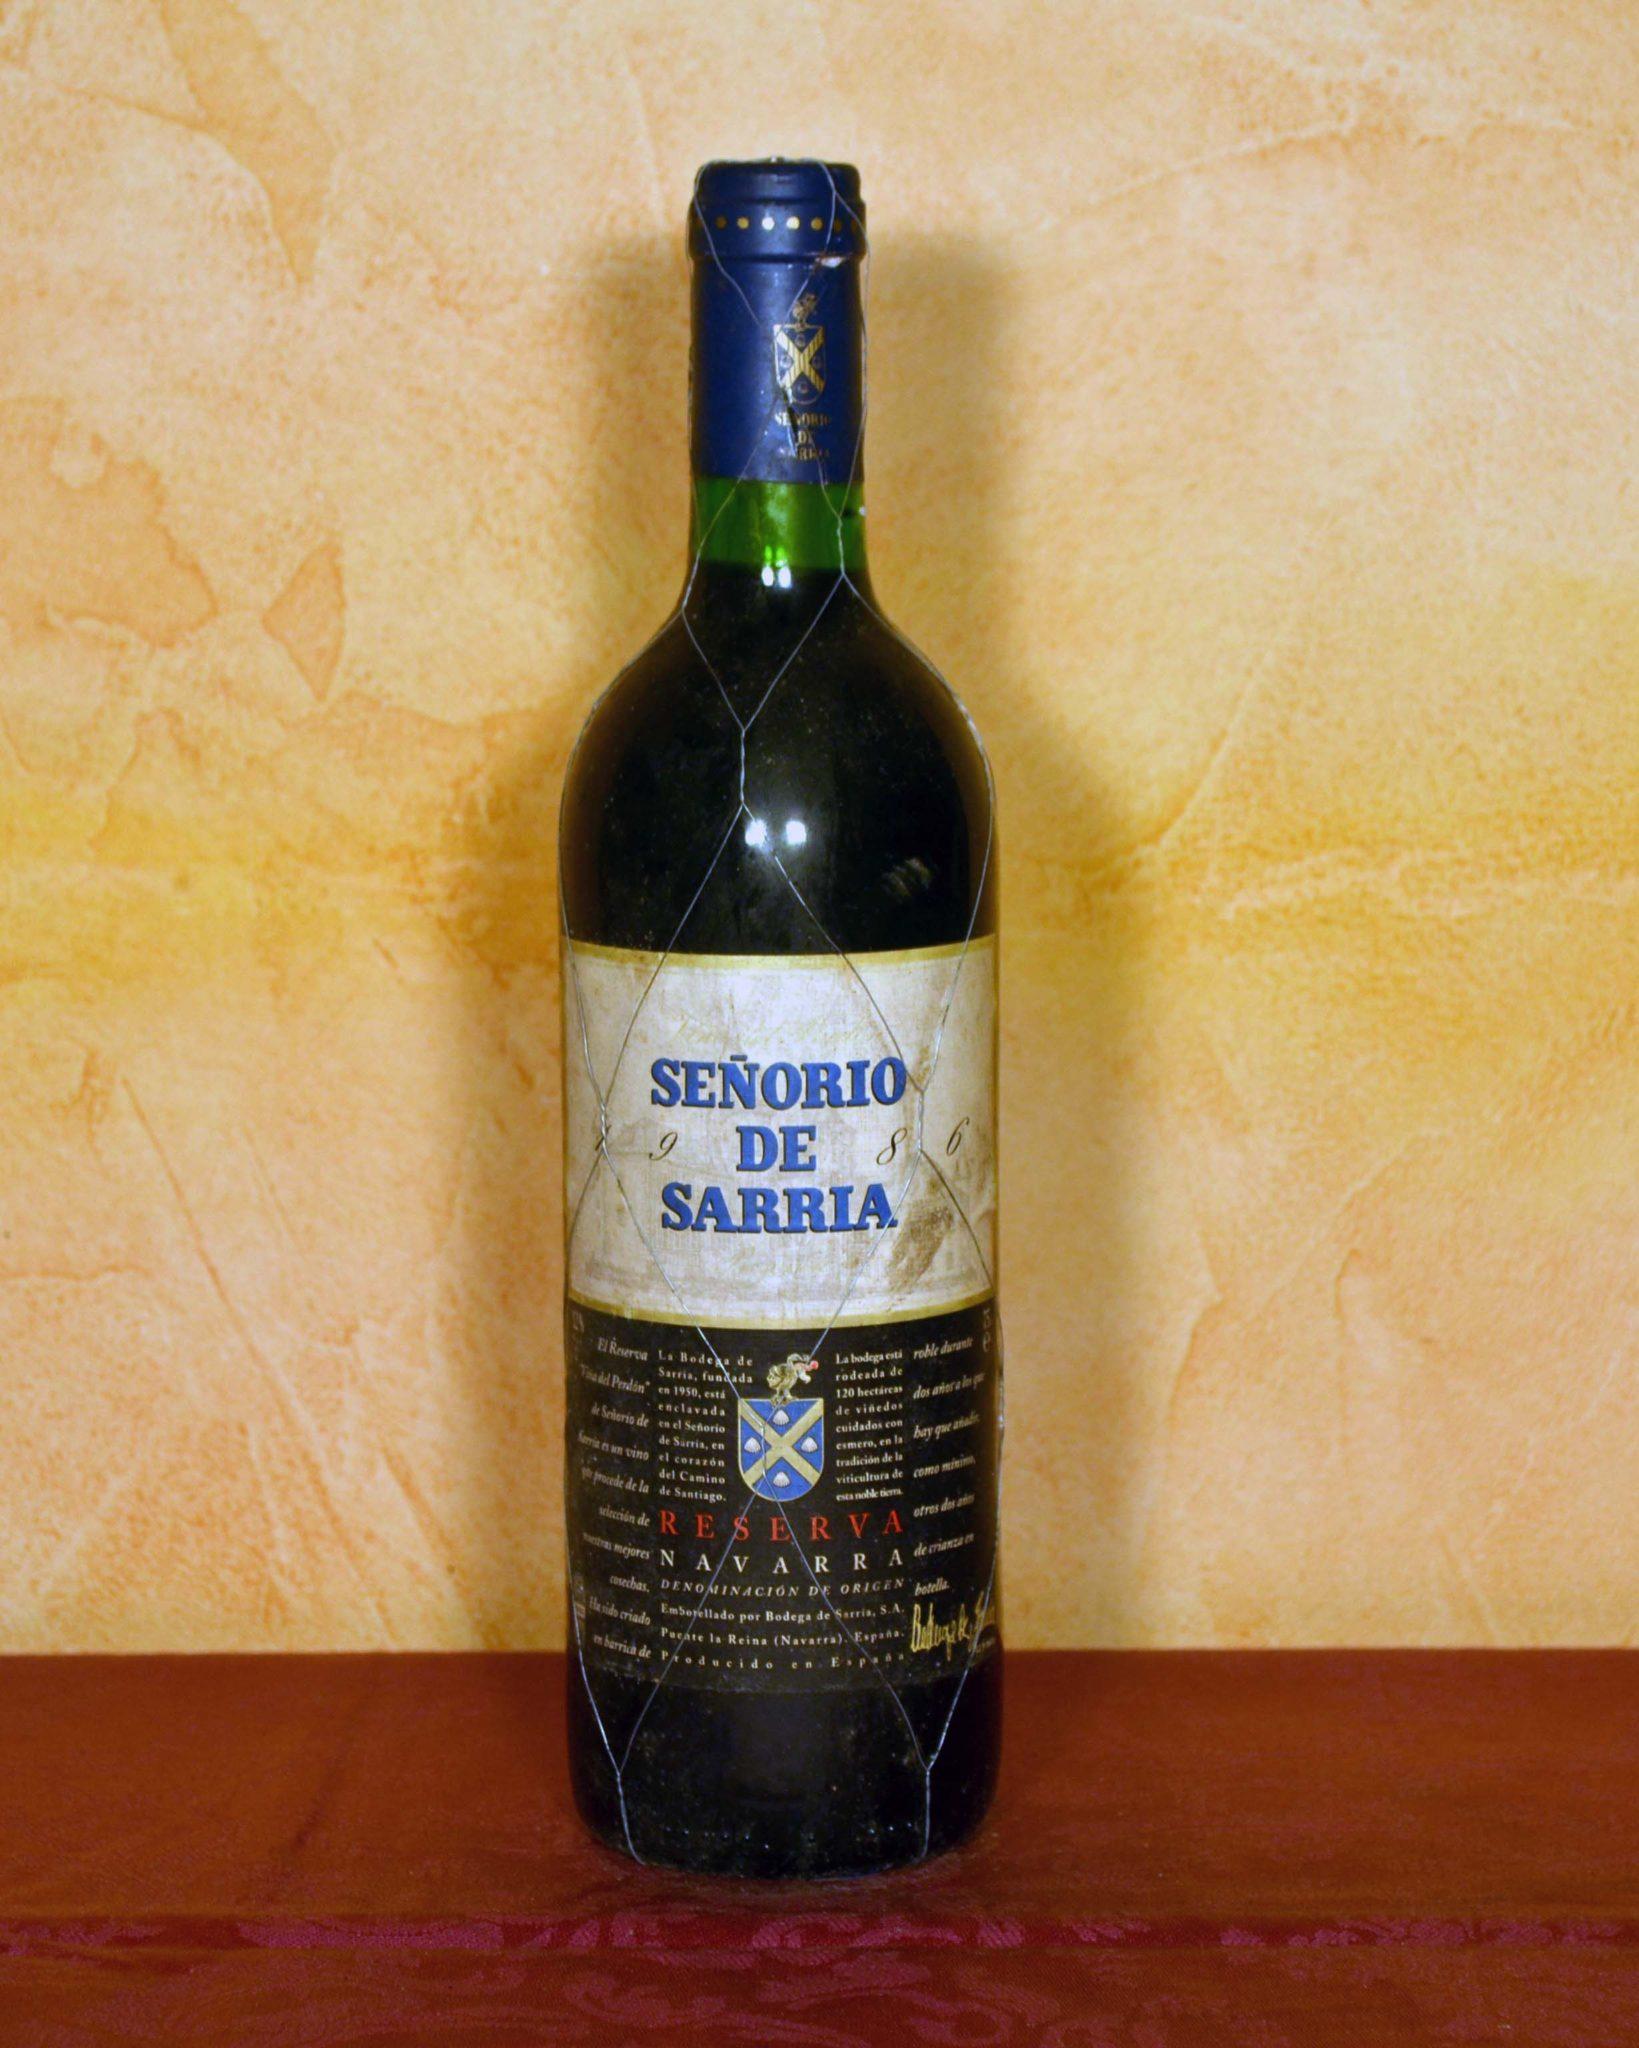 Señorio de Sarria Reserve 1986